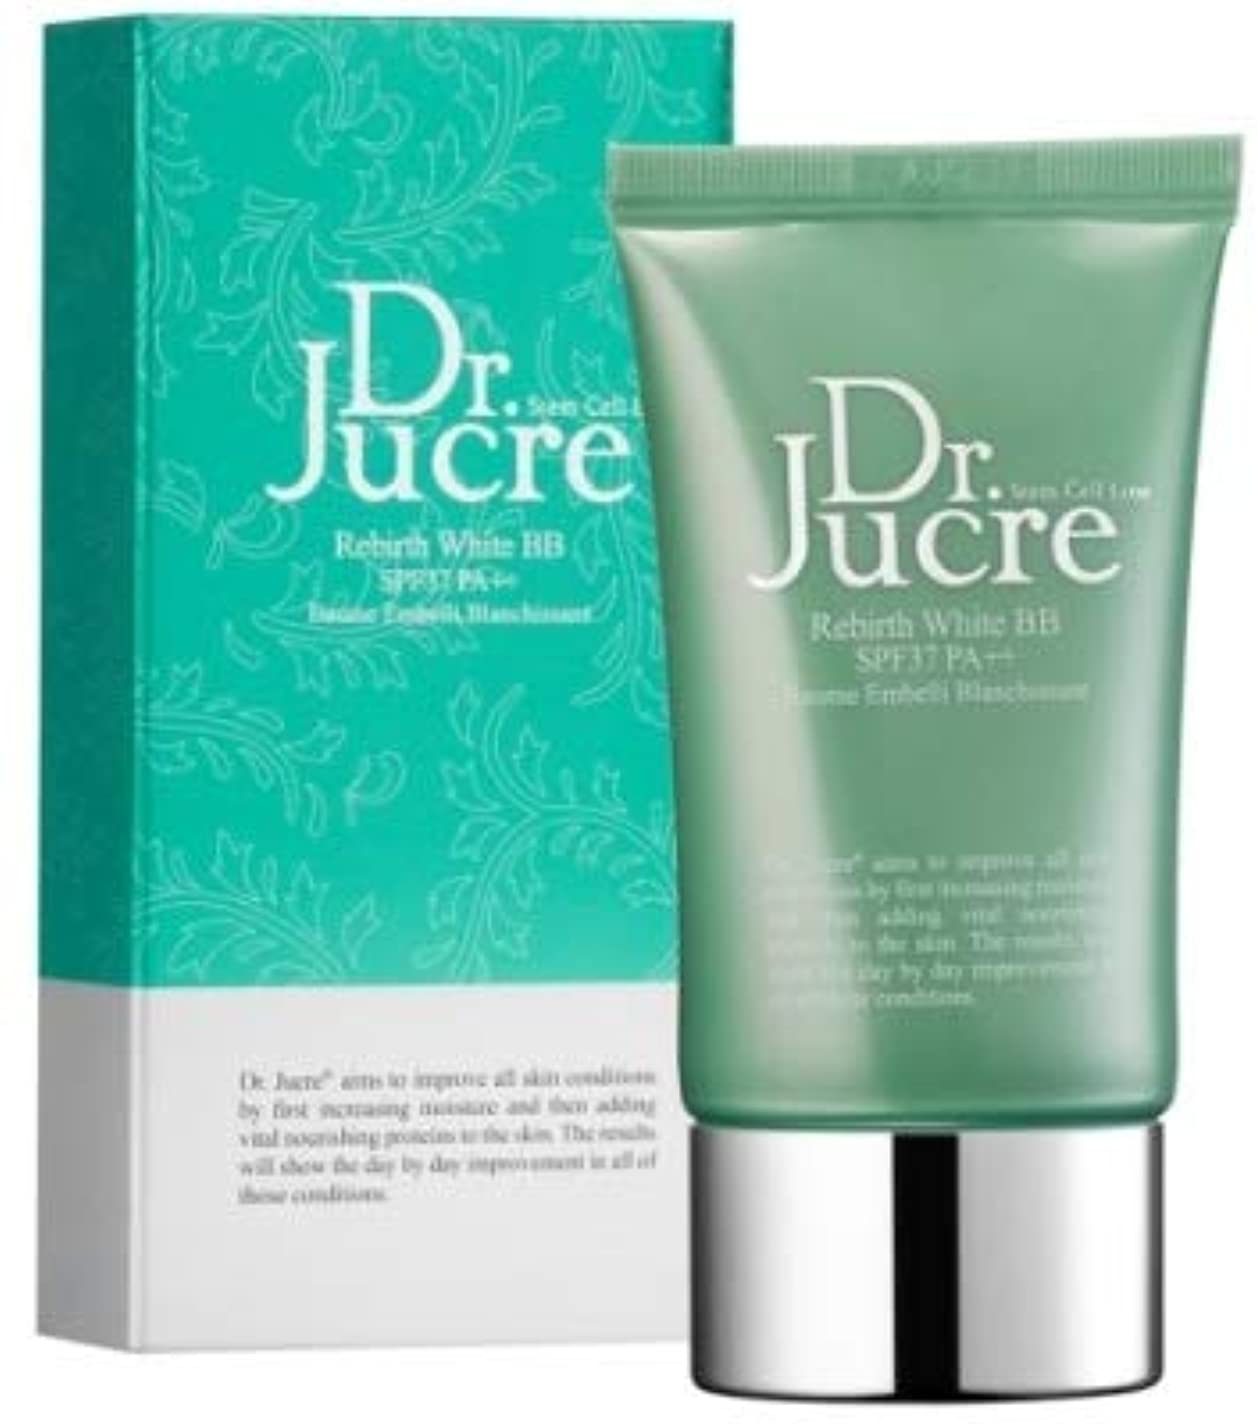 費やすシンカン歌手ドクタージュクル ホワイトBB【Dr.Jucre White BB】30ml ヒト幹細胞化粧品 ヒト幹細胞培養液1% BBクリーム